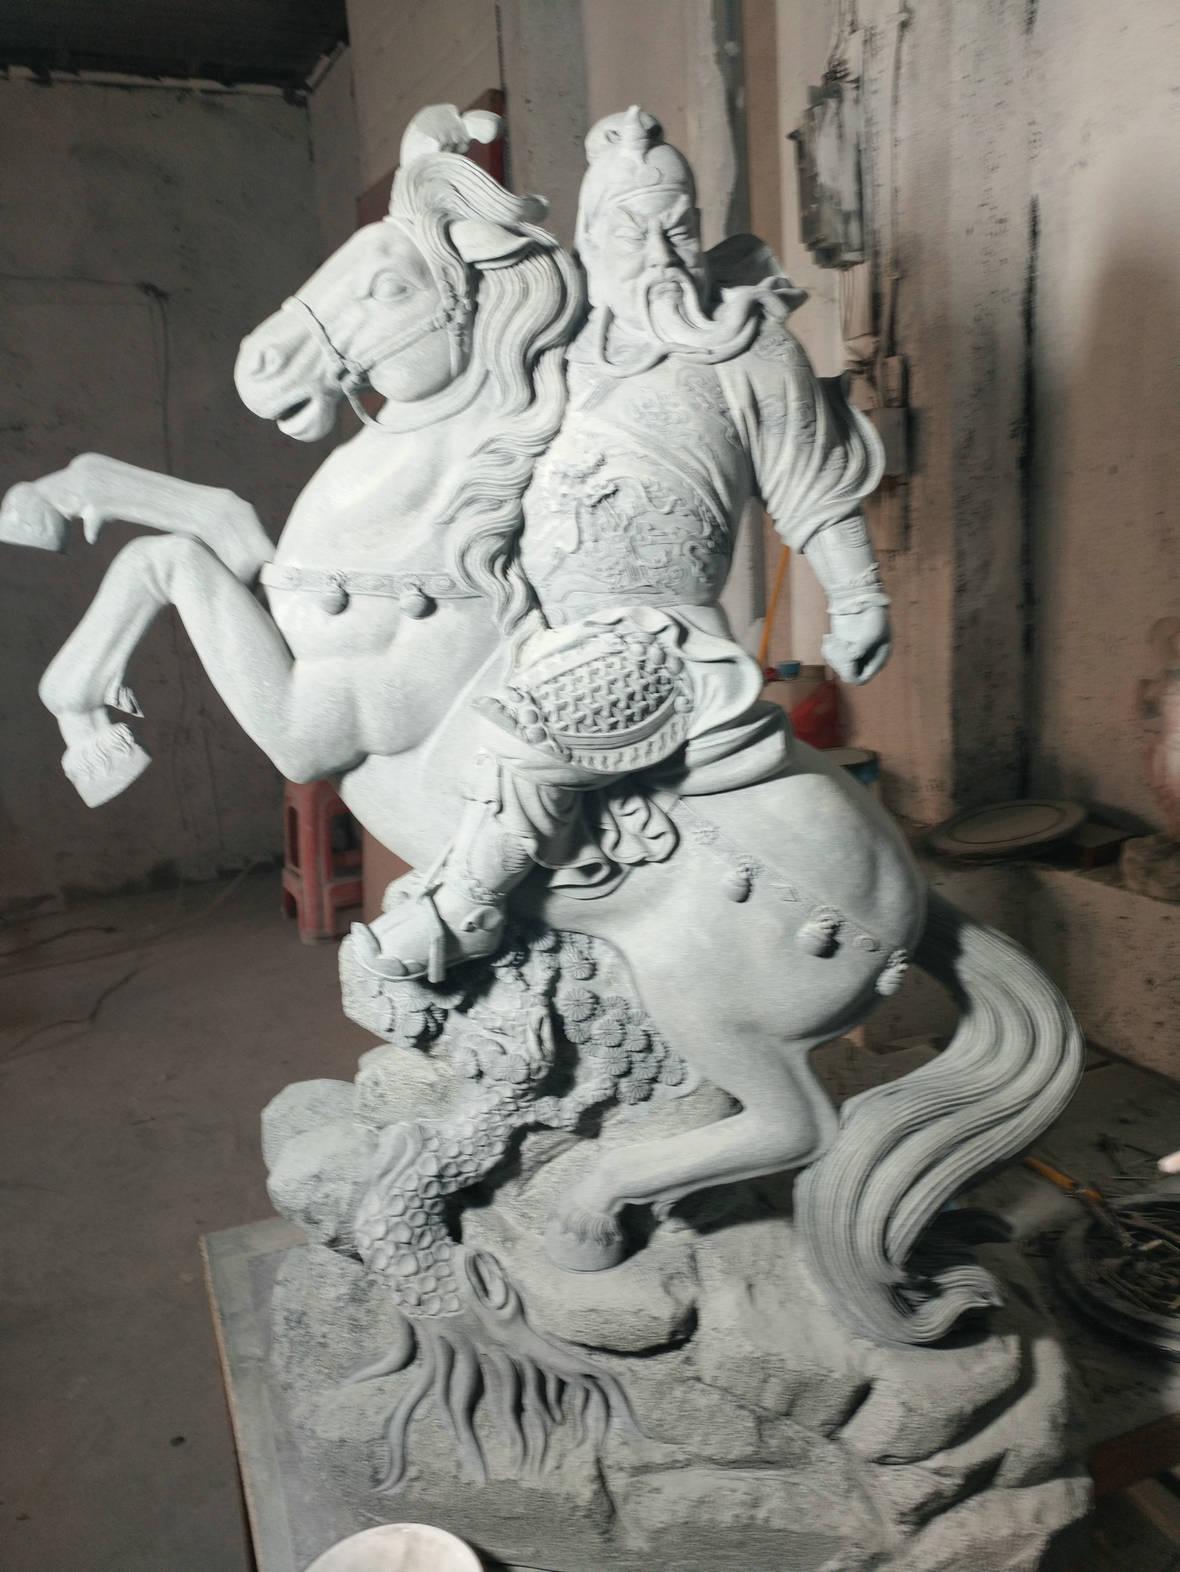 晋江和尚石雕价格 欢迎来电「福建鼎扬玉雕工艺品供应」